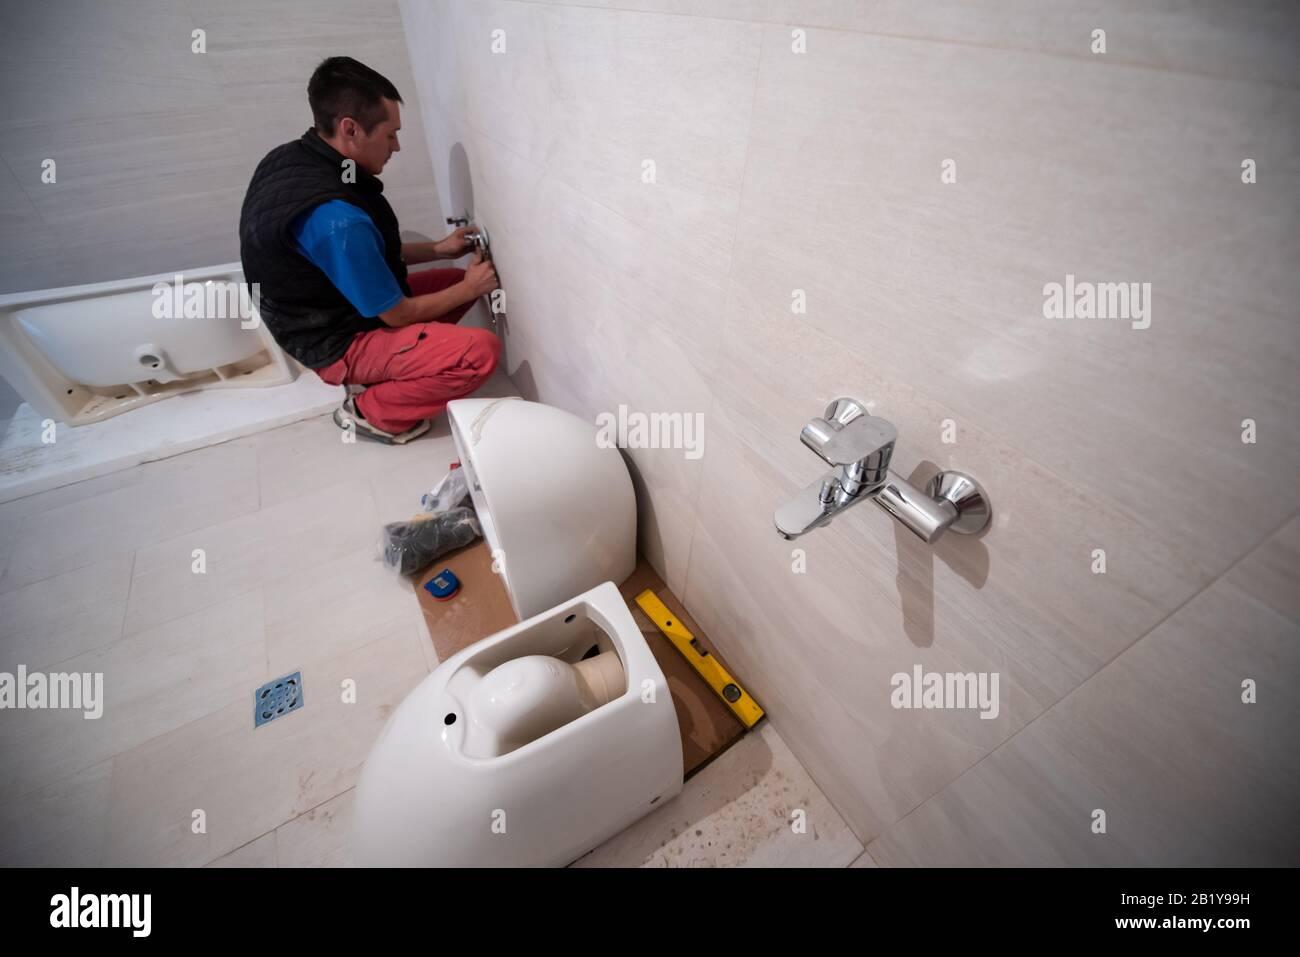 Professioneller Installateur, der in einem Bad arbeitet ...